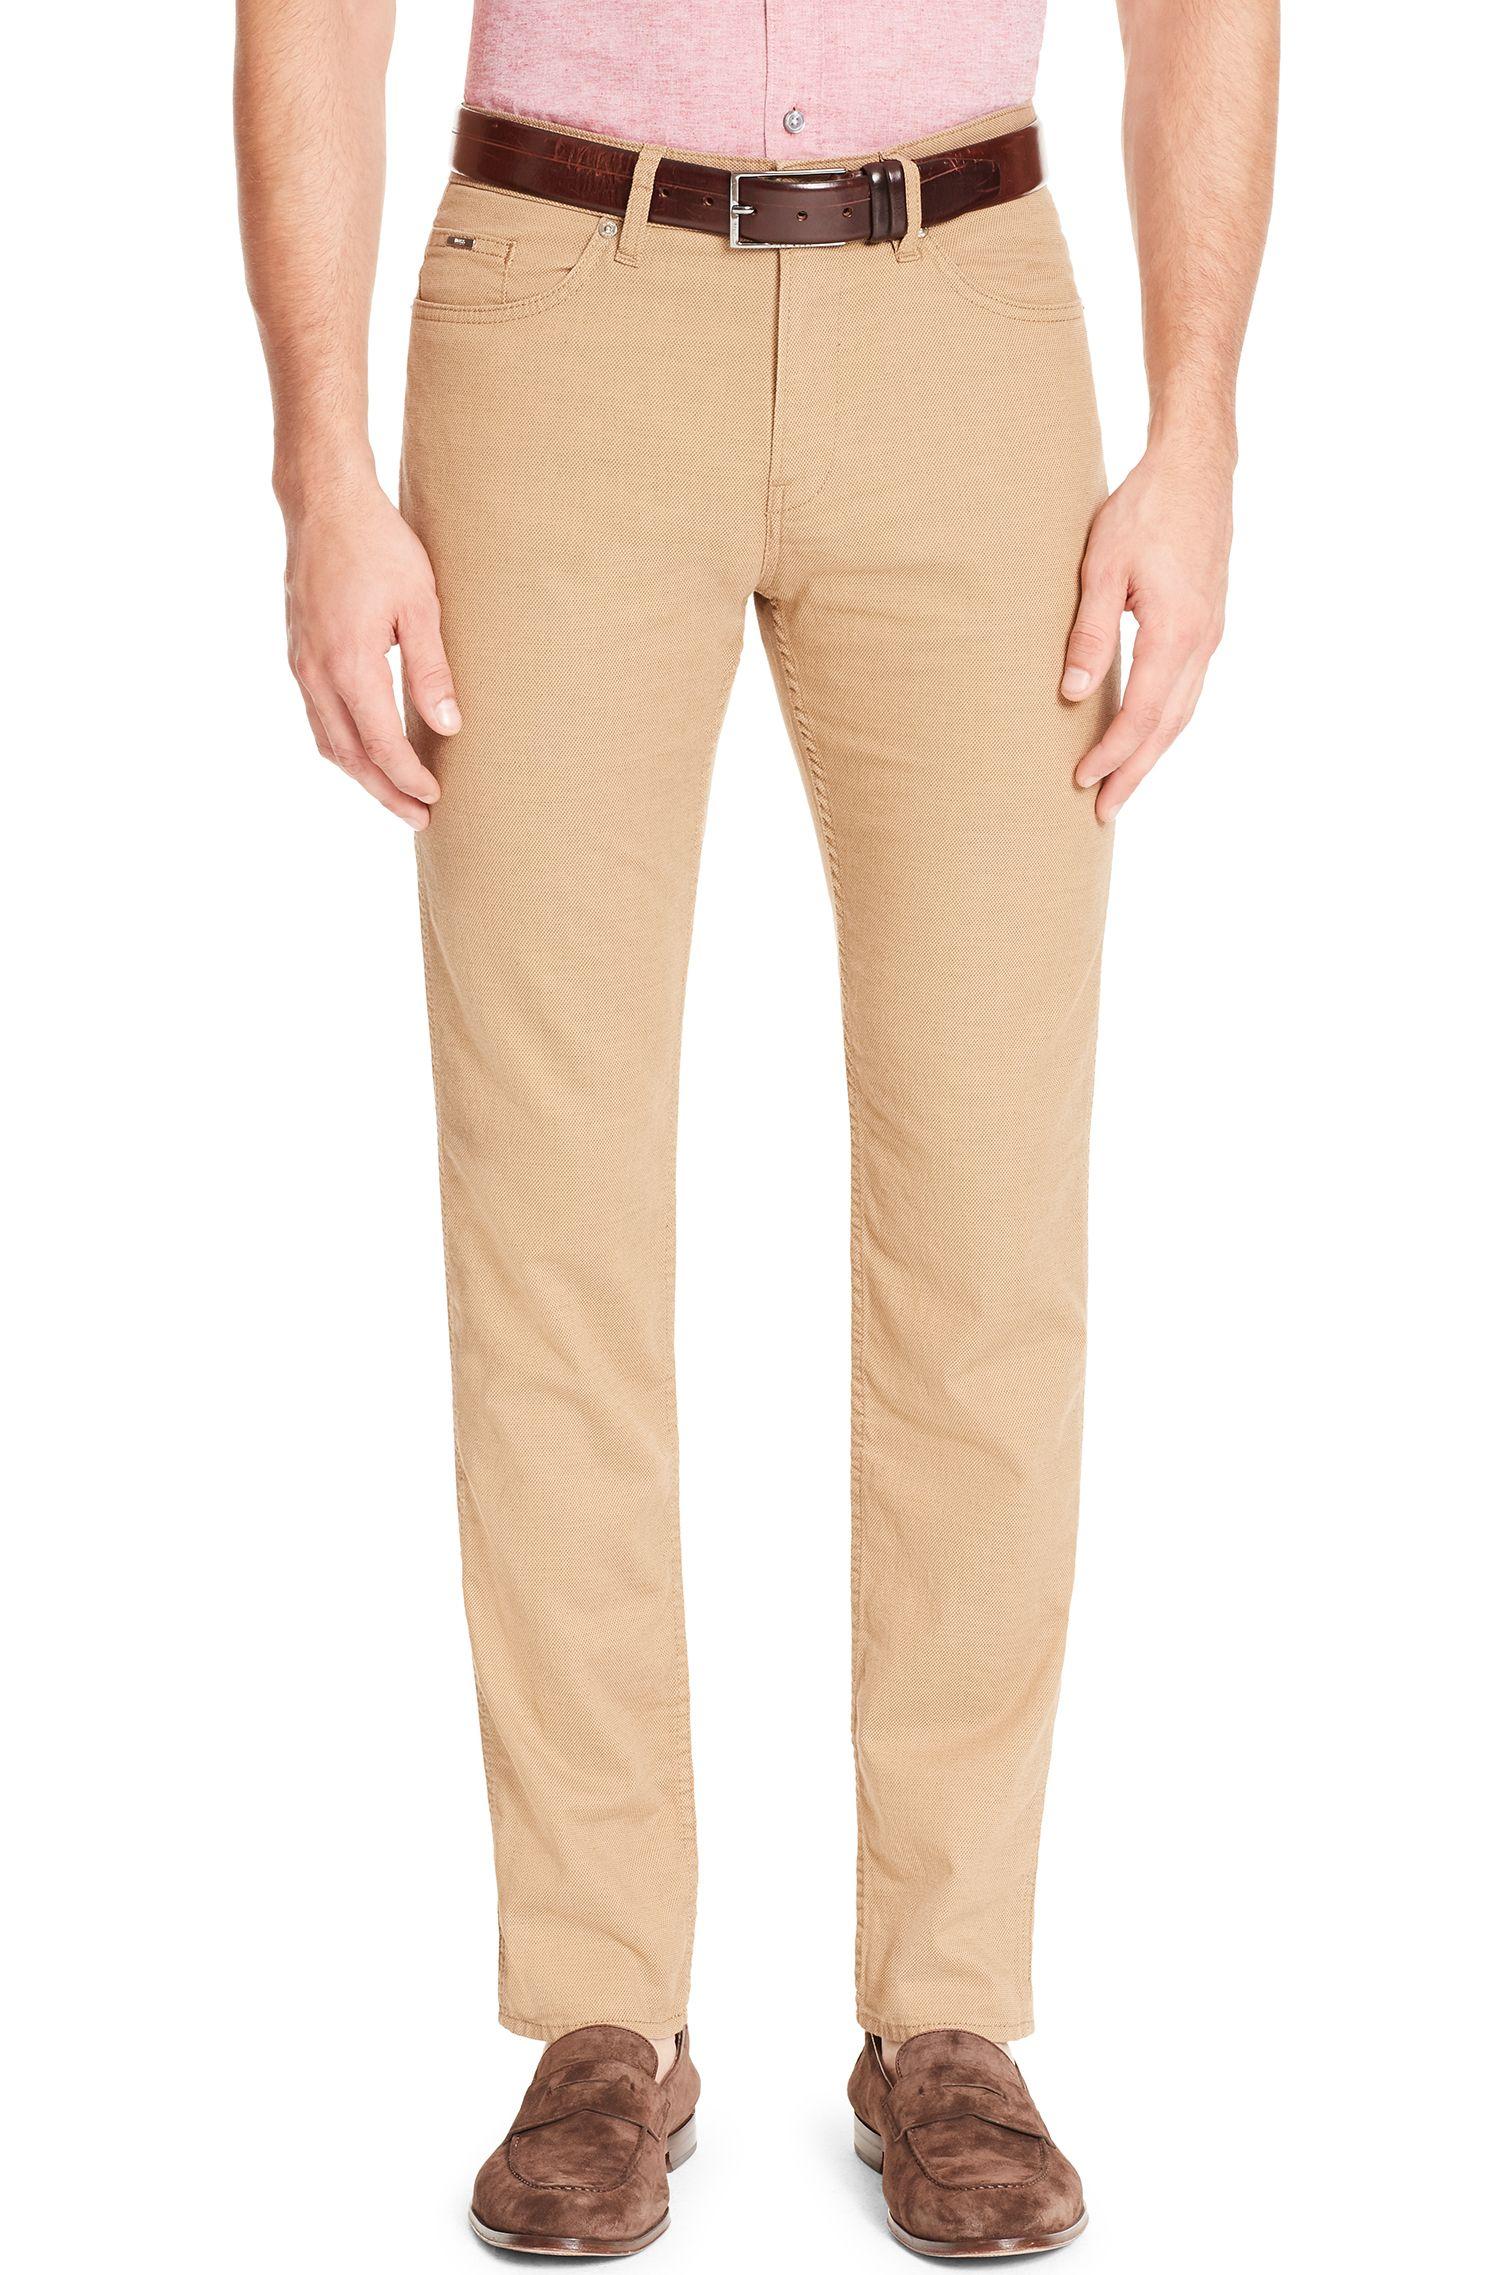 10 oz Stretch Cotton Pant, Slim Fit | Delaware